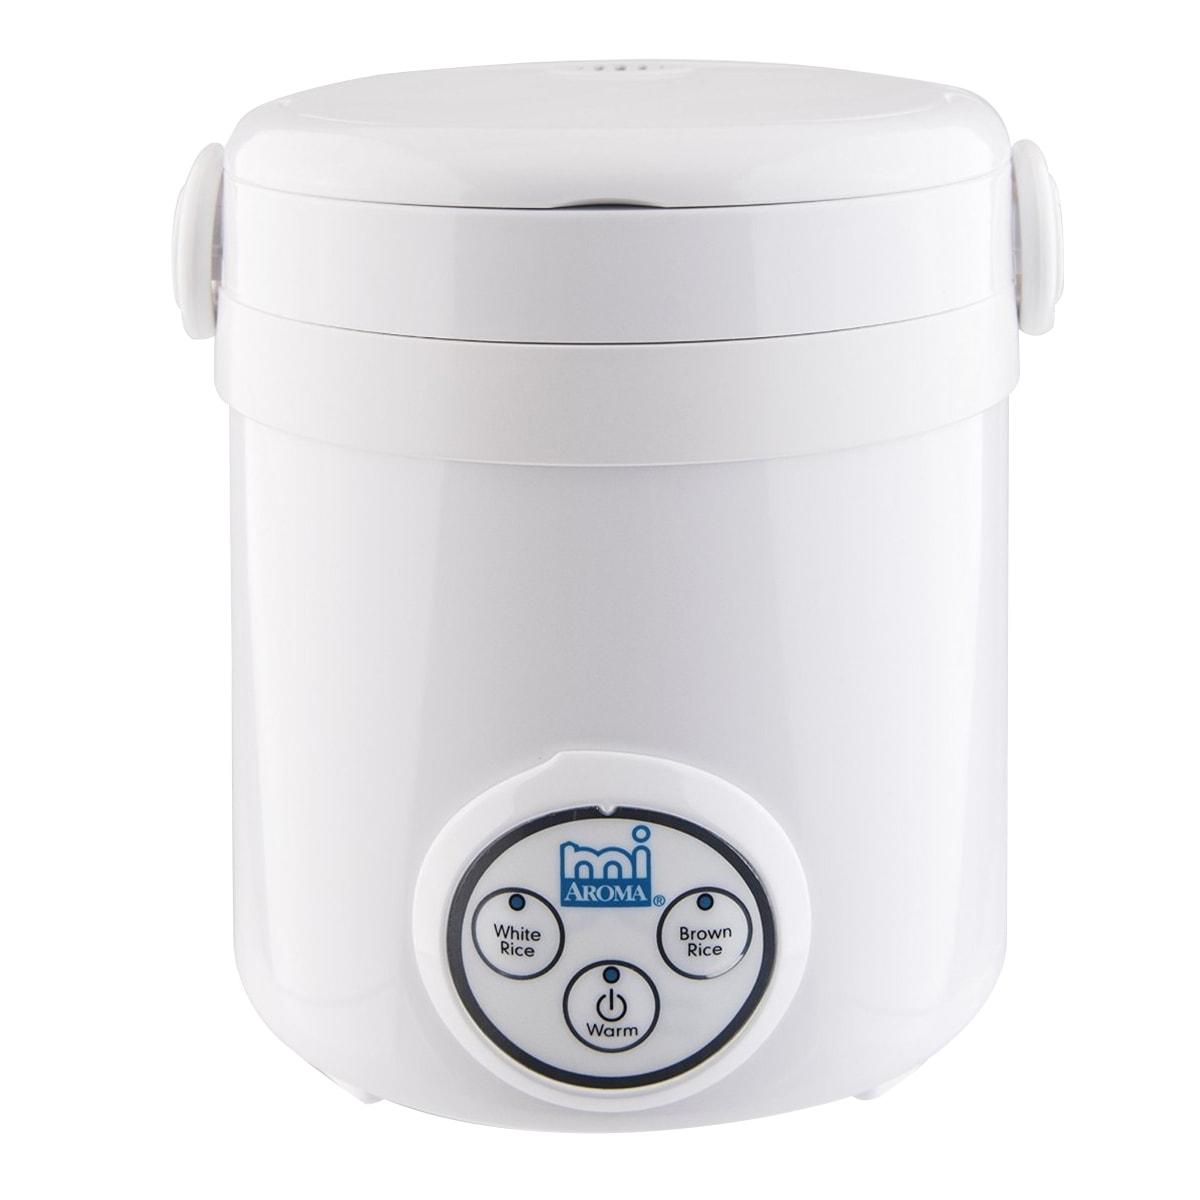 美国AROMA  智能迷你电饭煲 3杯熟米容量 8''  x 7.5''  x 7.5''  MRC-903D 1-3人份 (2年制造商保修)